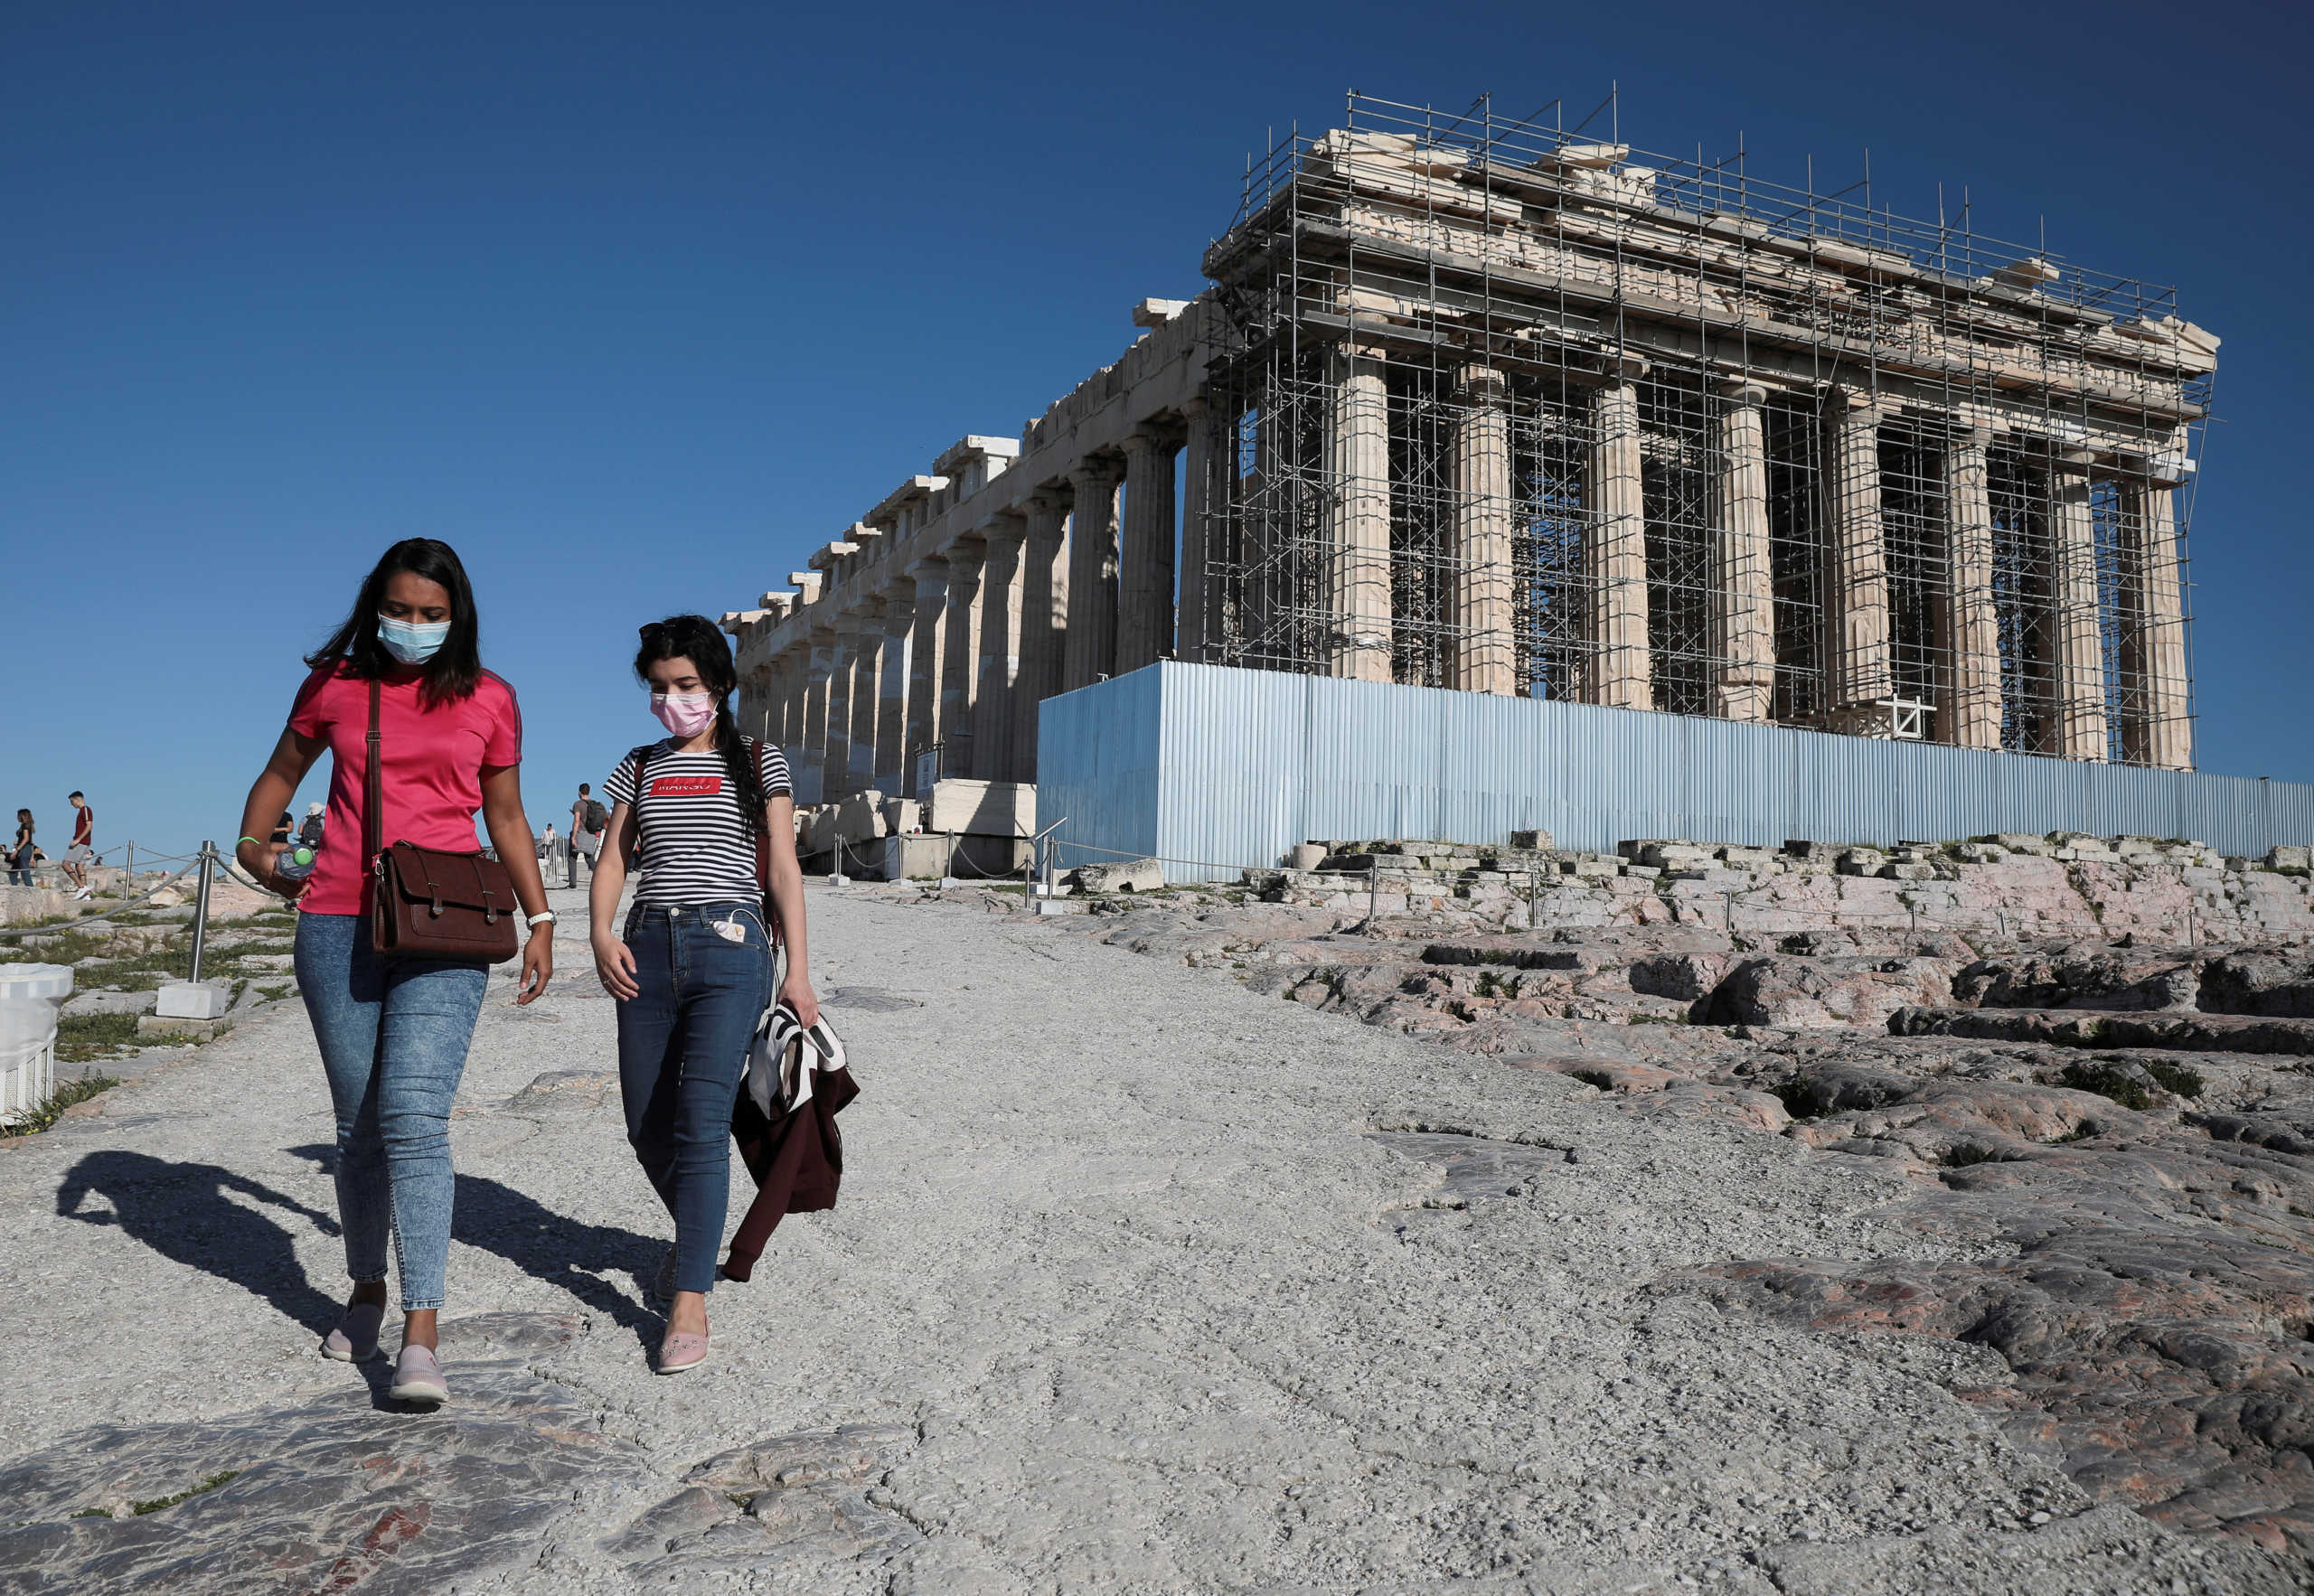 Συνεργασία ΕΟΔΥ-Δήμου Αθηναίων για τον έλεγχο πολιτών για κορονοϊό